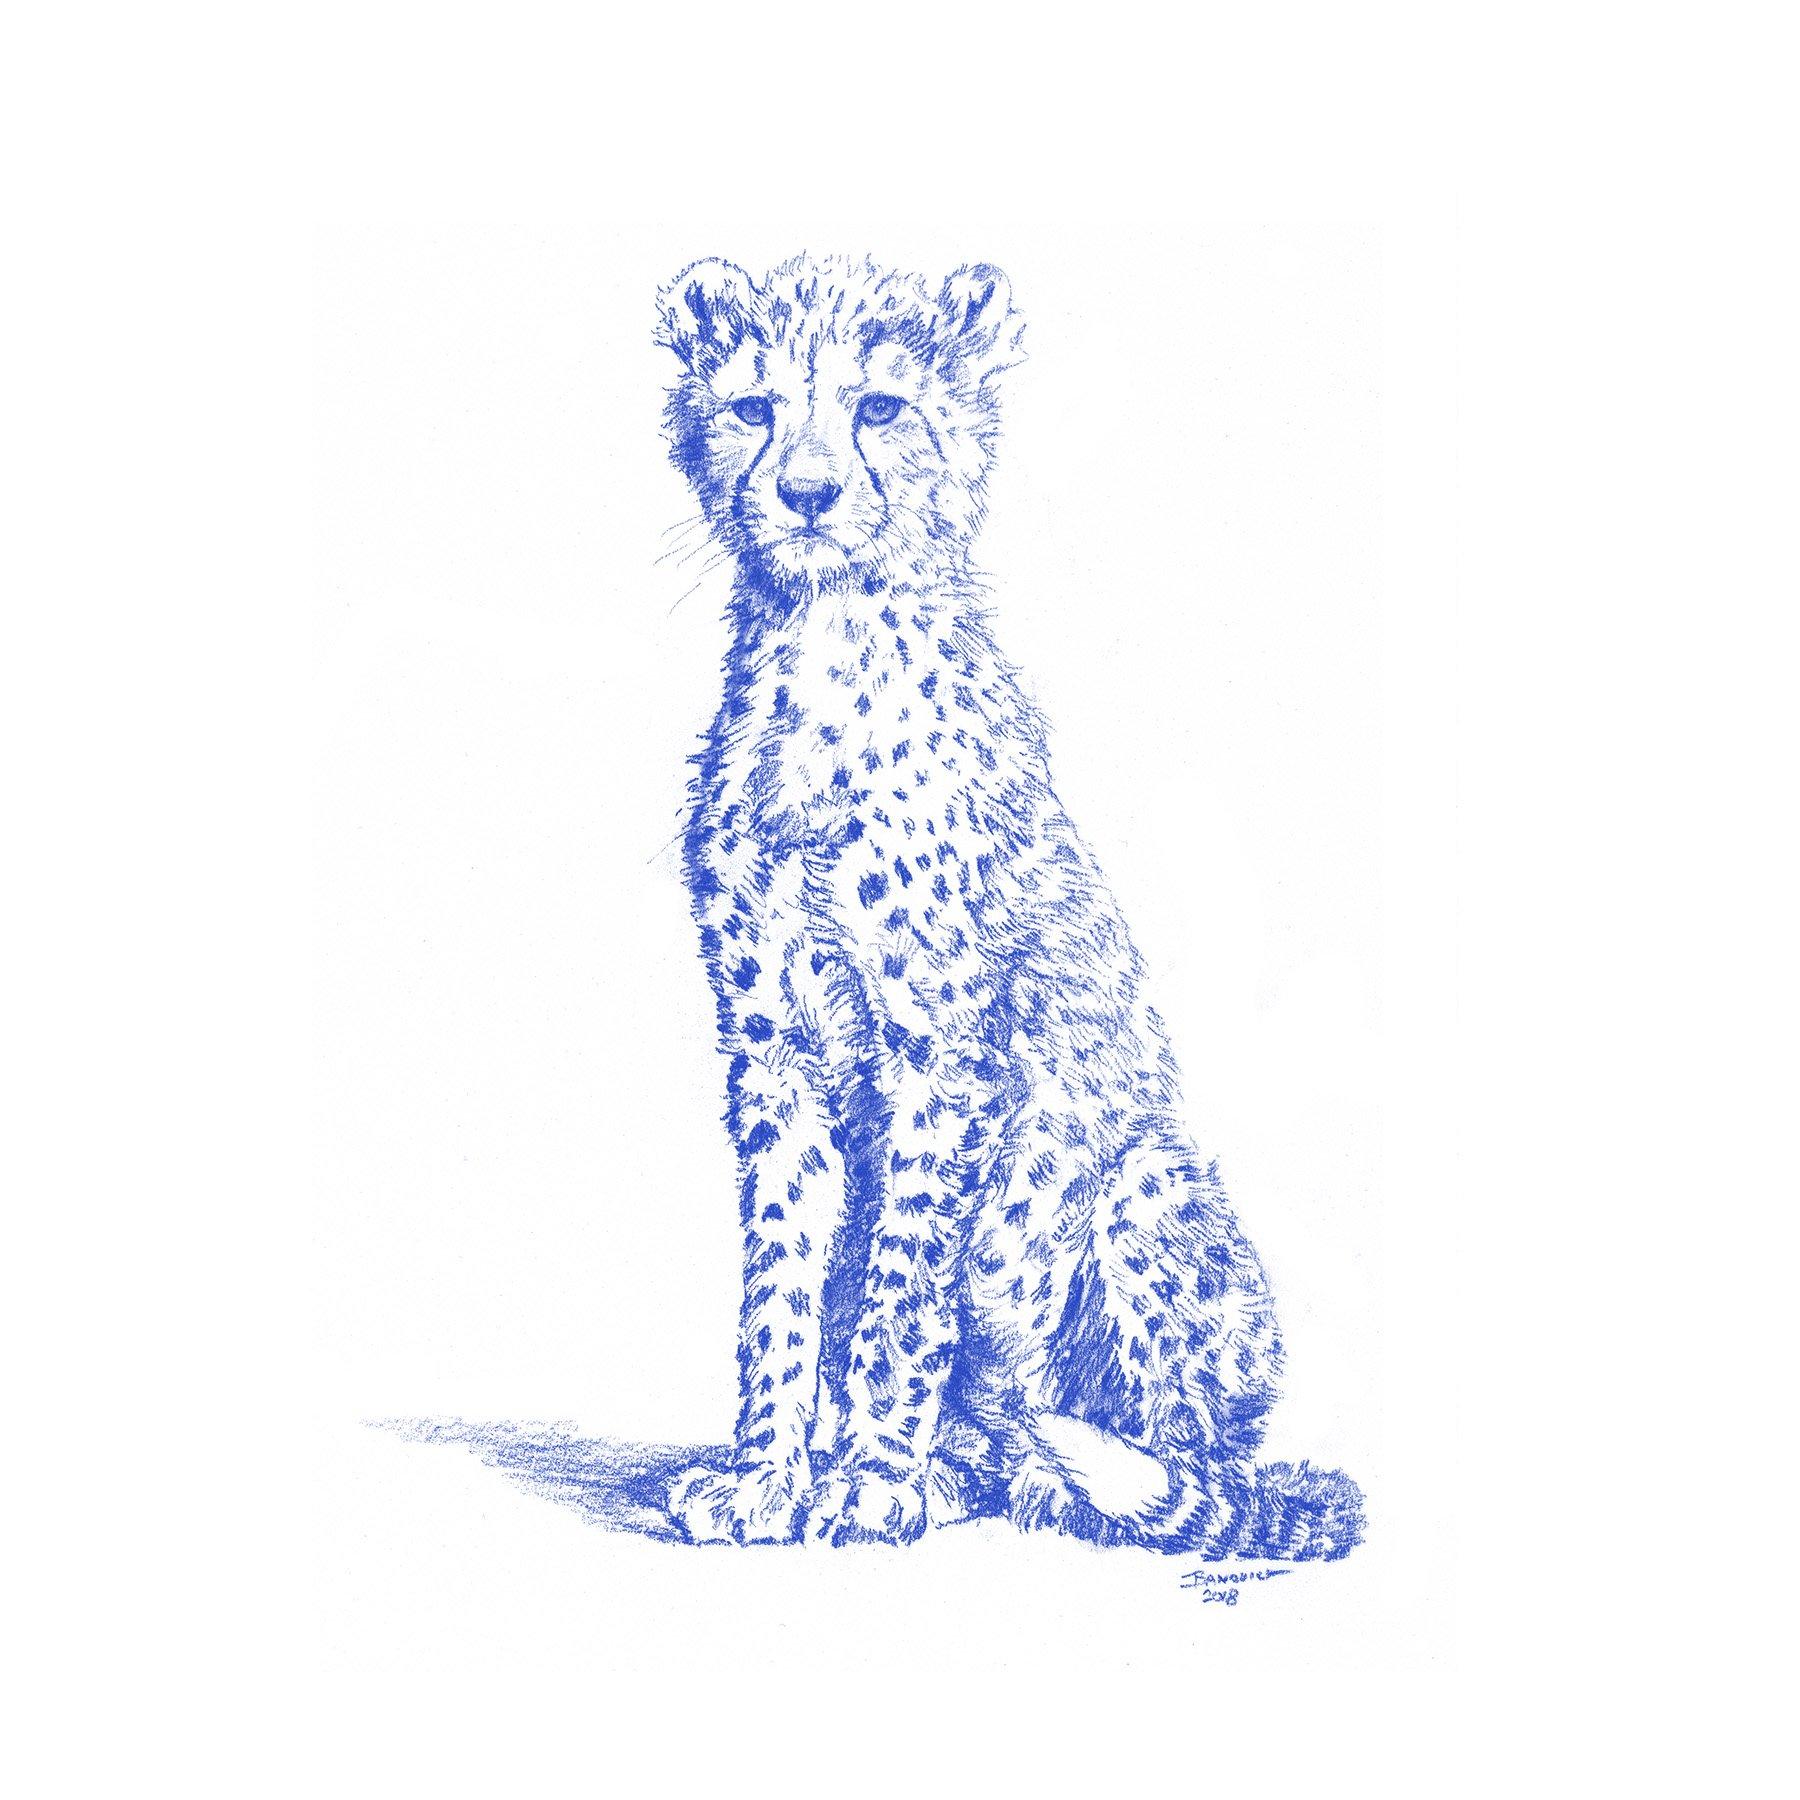 Wild Child - Cheetah - John Banovich